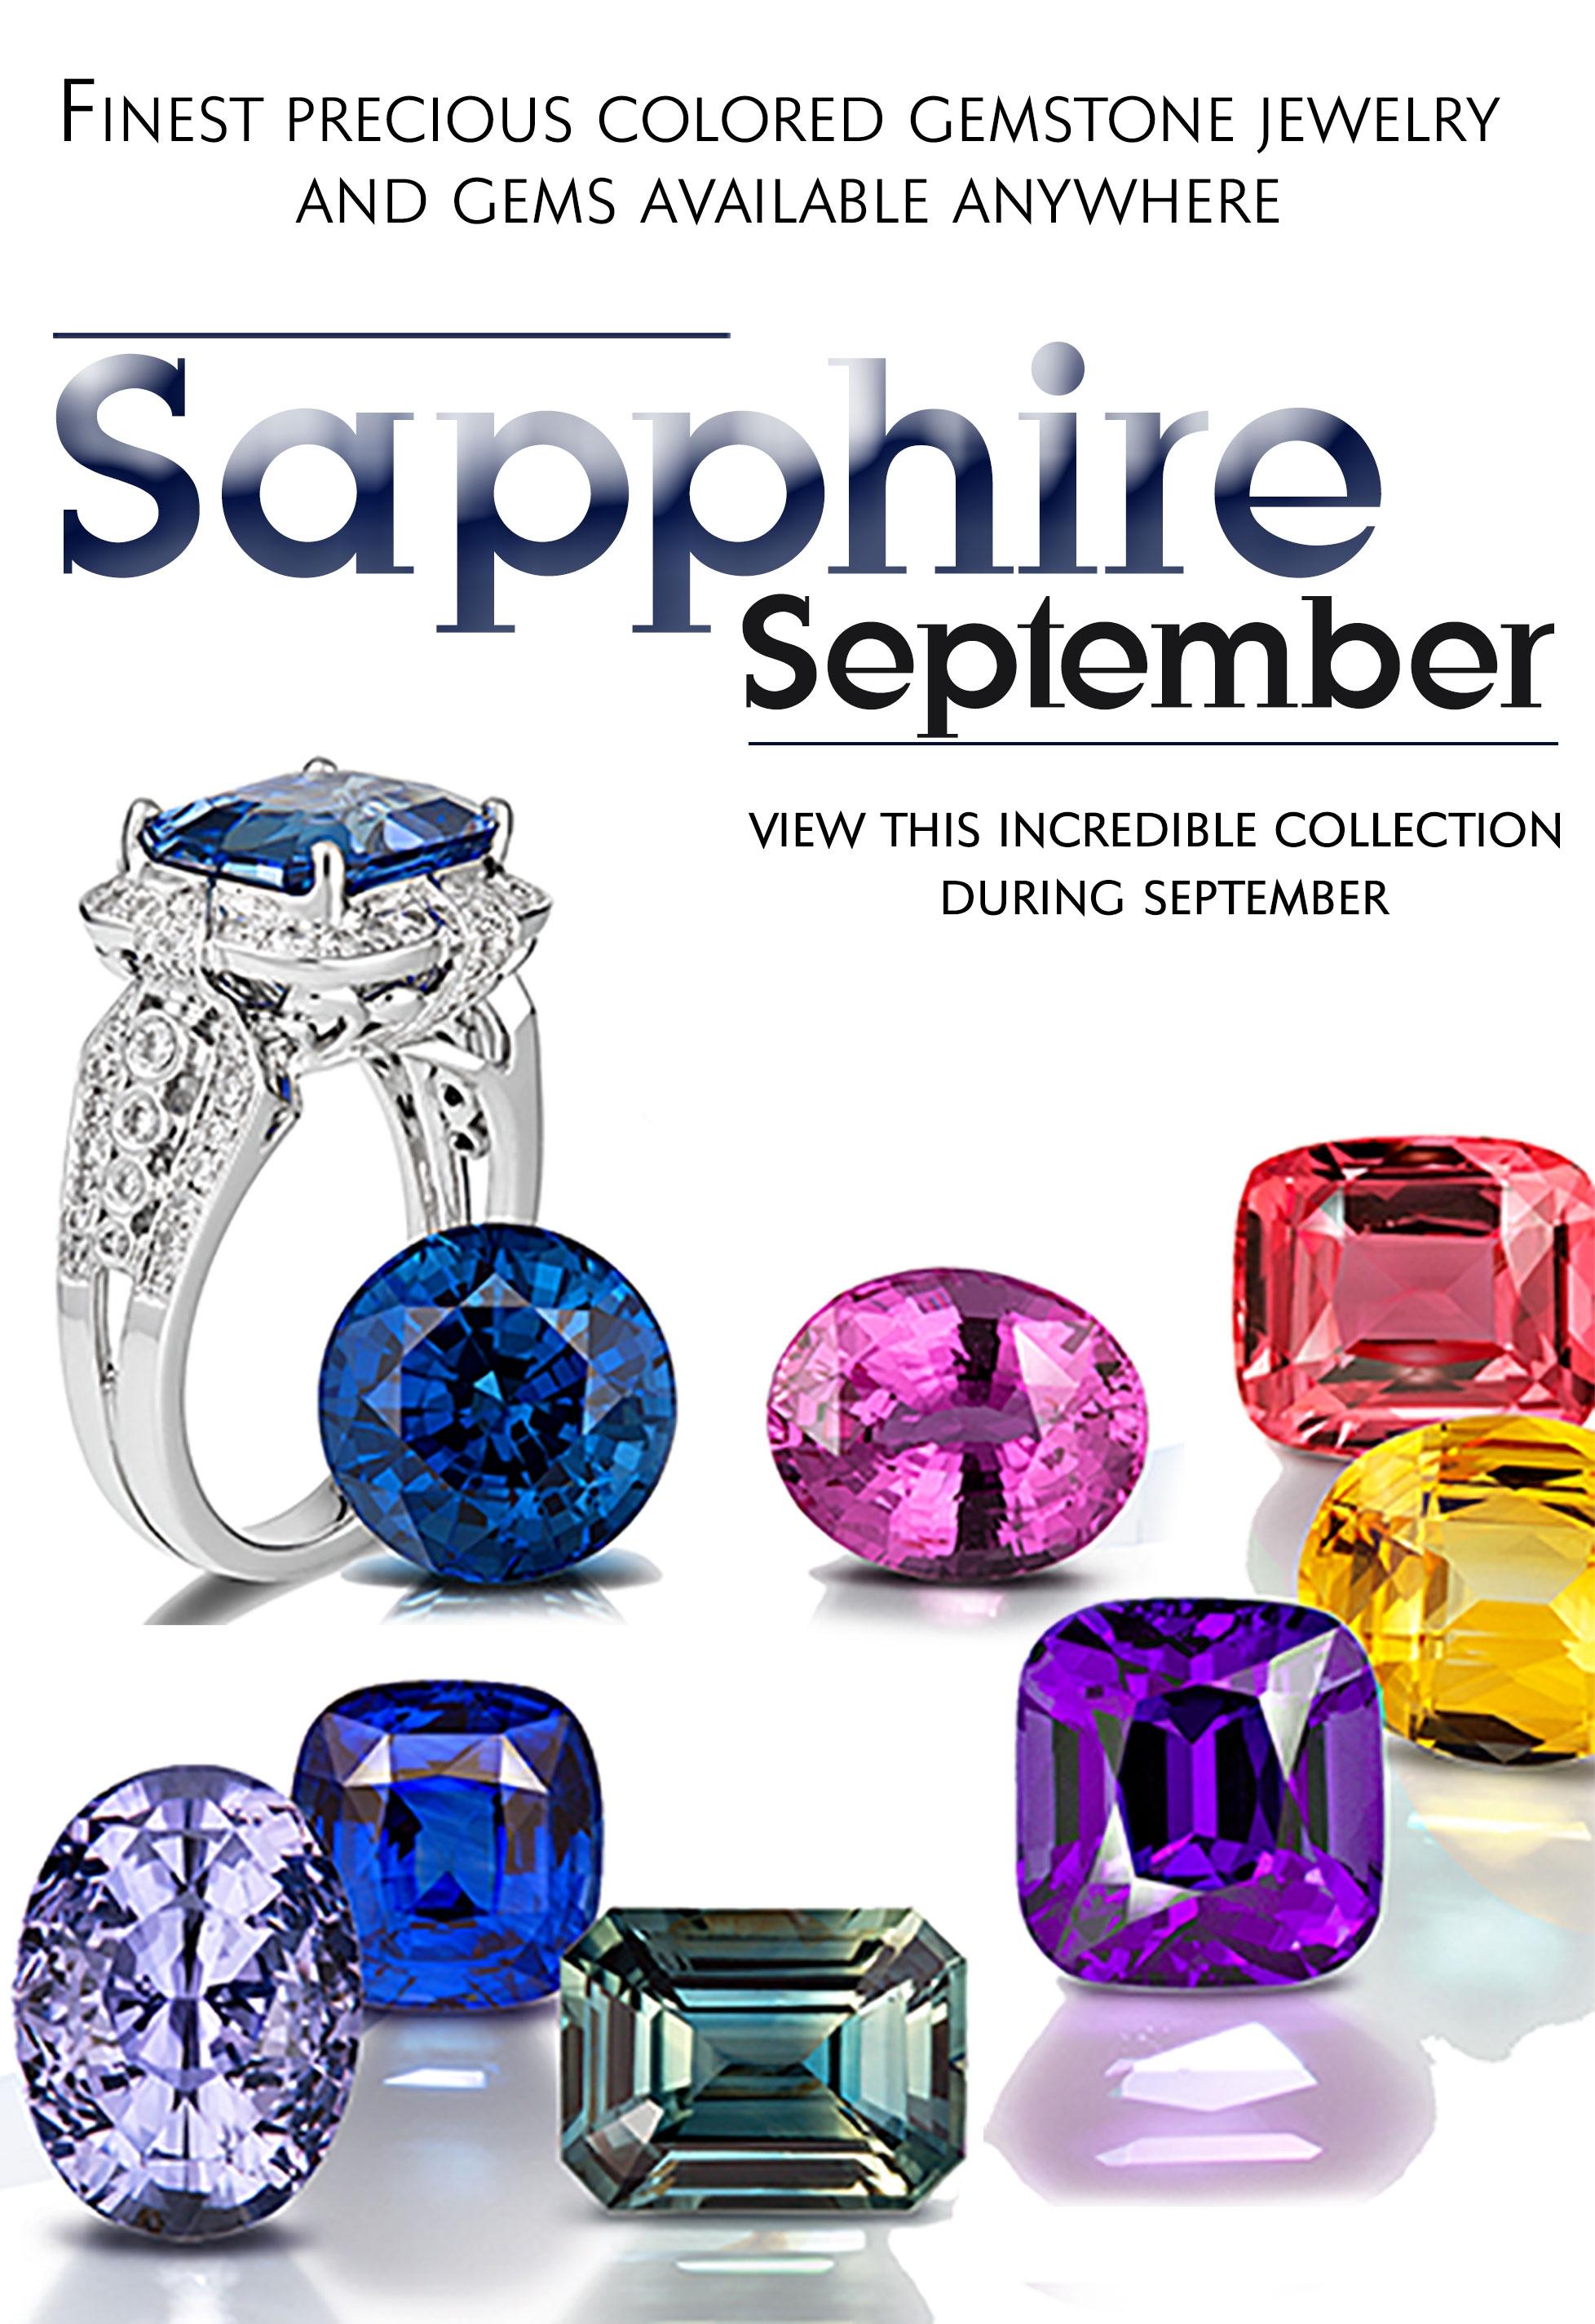 Sapphire September 2019